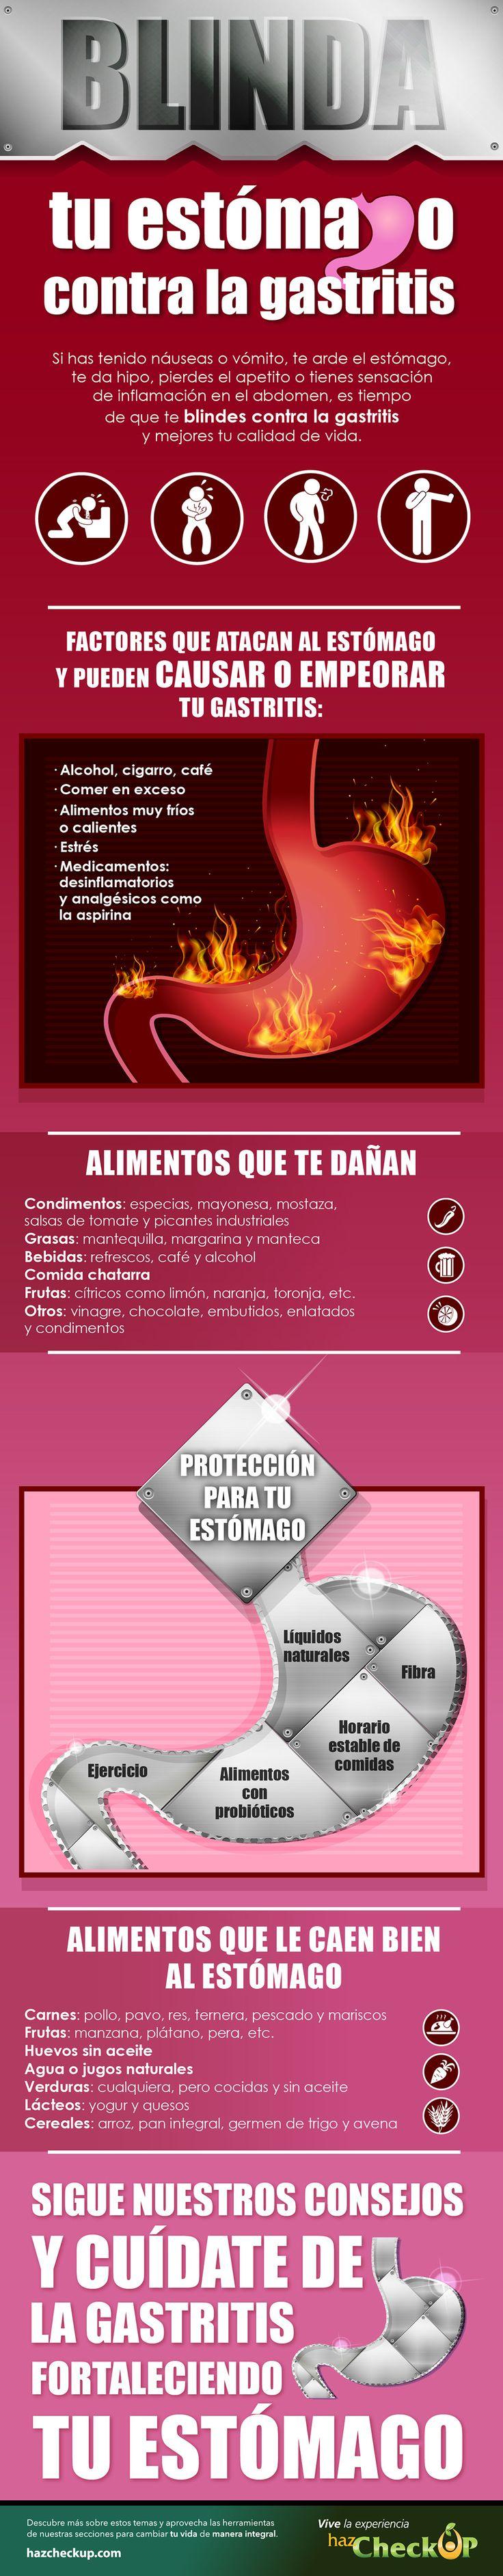 Alimentos que provocan gastritis